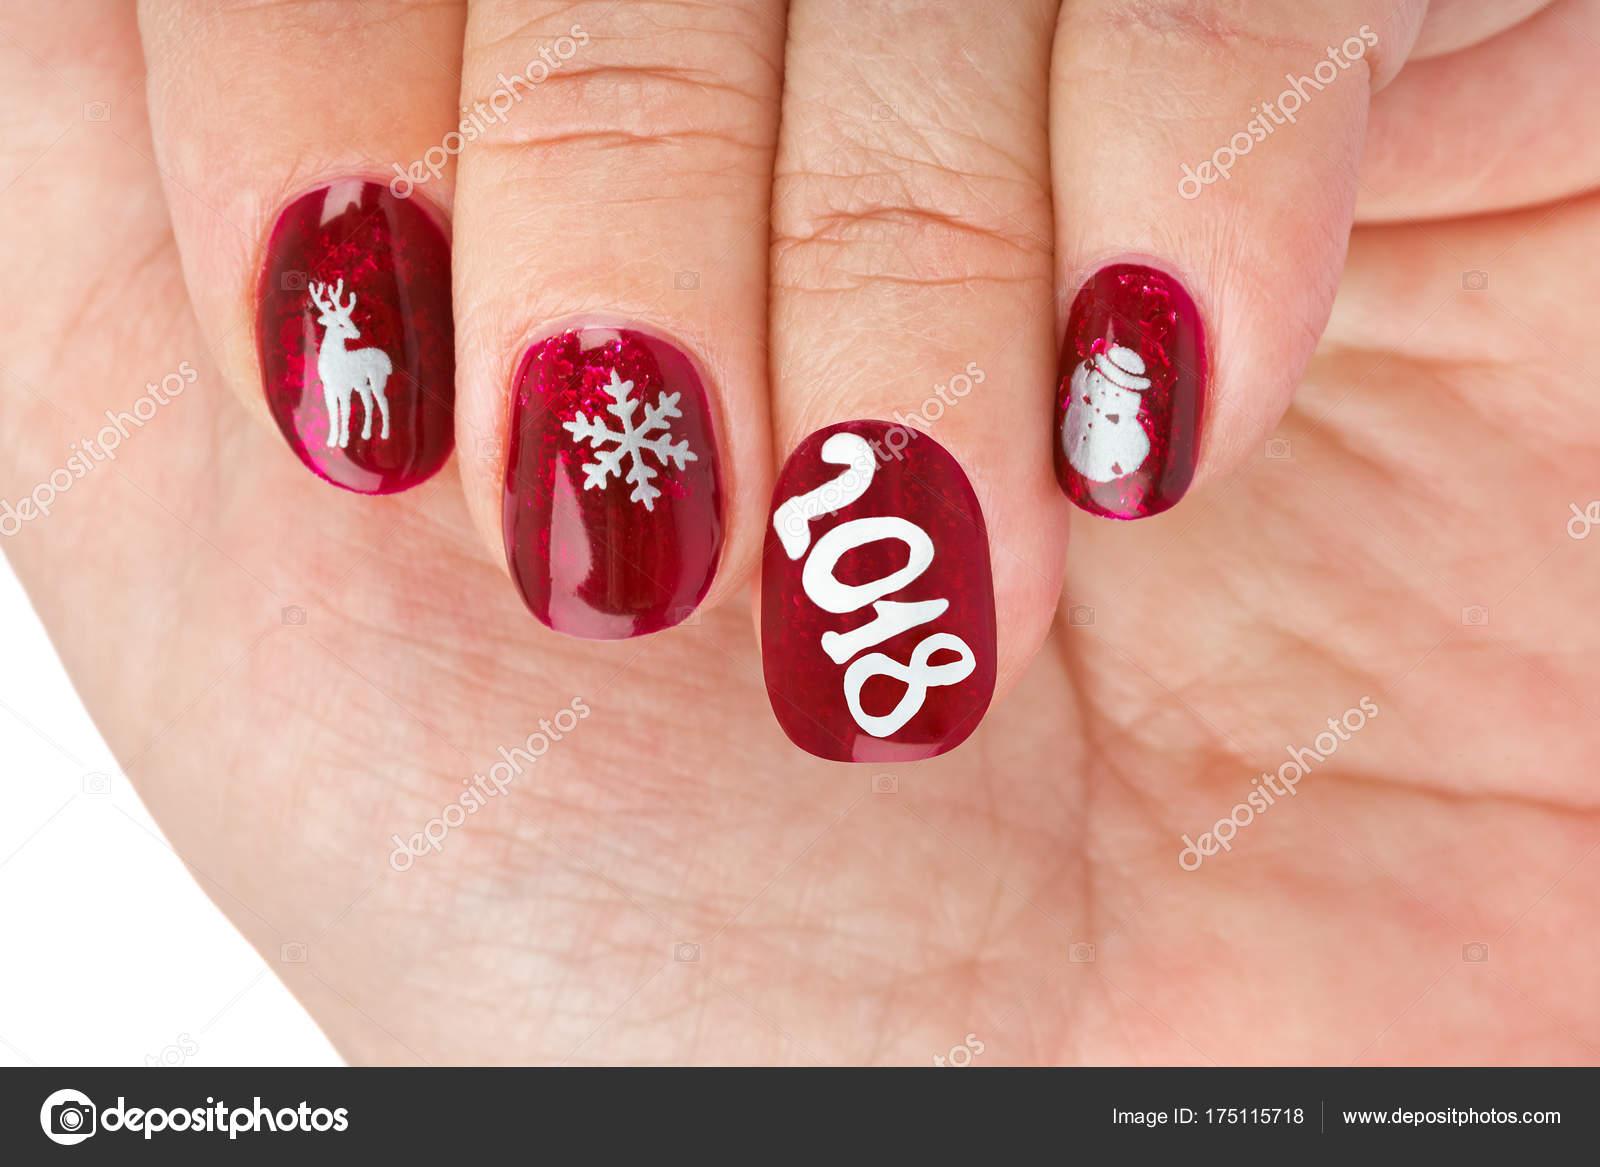 Astounding Muster Fingernägel Beste Wahl Fingernagel Mit Weihnachten Isoliert Auf Weißem Hintergrund